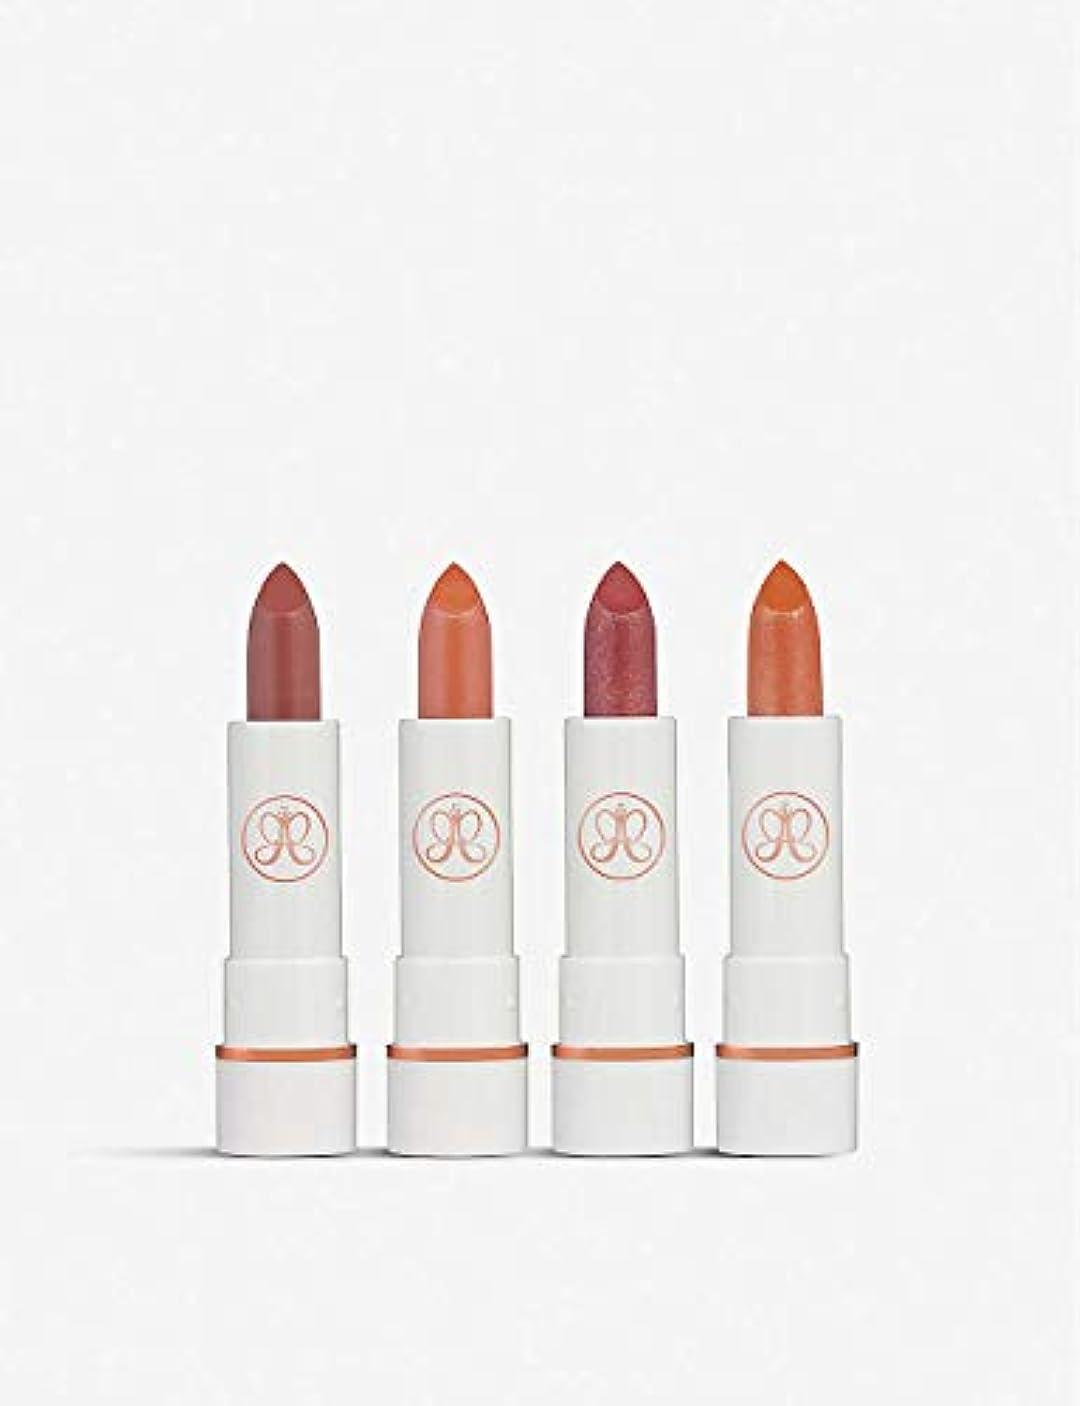 賢明な鉄形容詞Mini matte lipsticks set of four ミニサイズ マットリップステック 4本x1.3g Guava/Coconut/Orange Blossom/Lychee